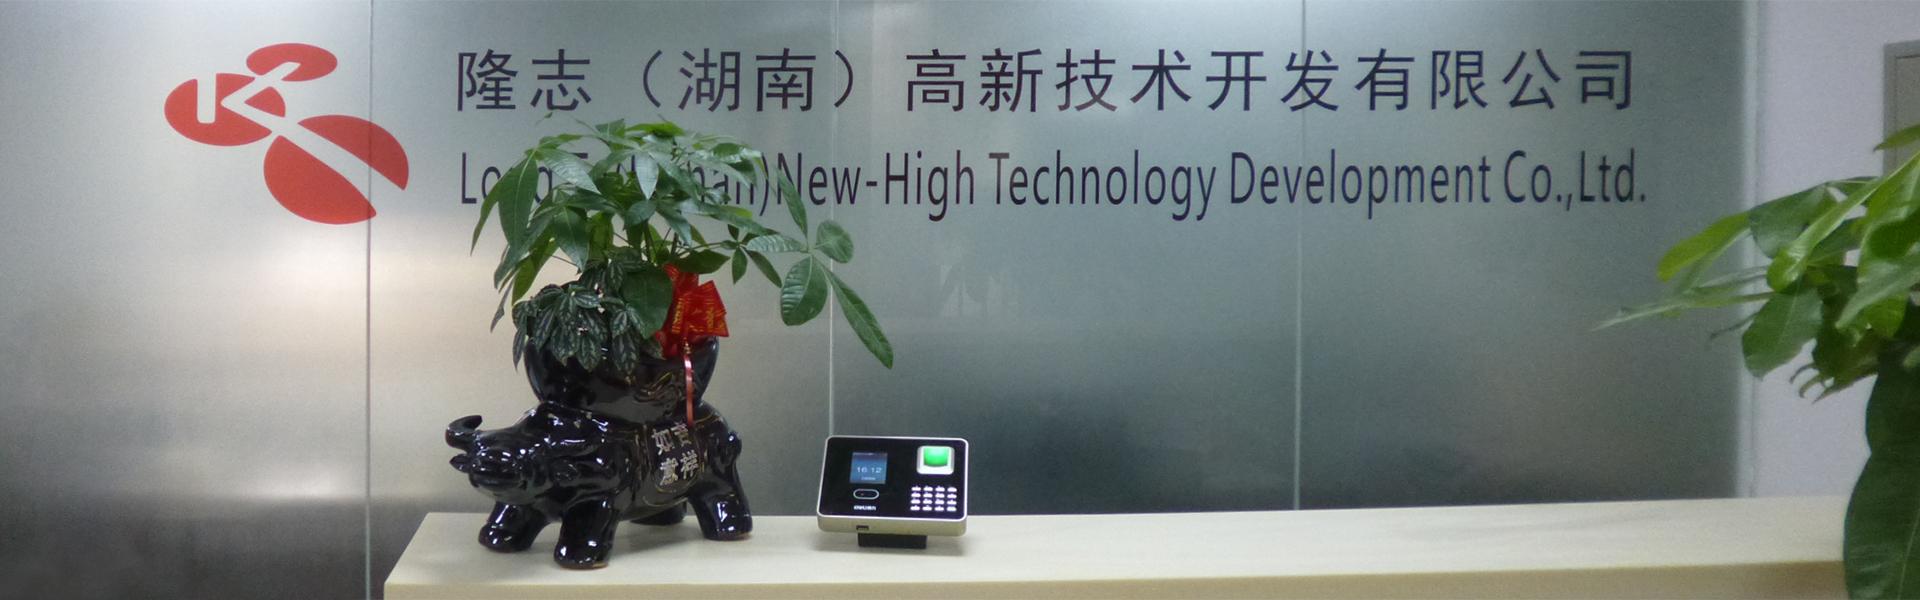 隆志(湖南)高新技術開発有限公司